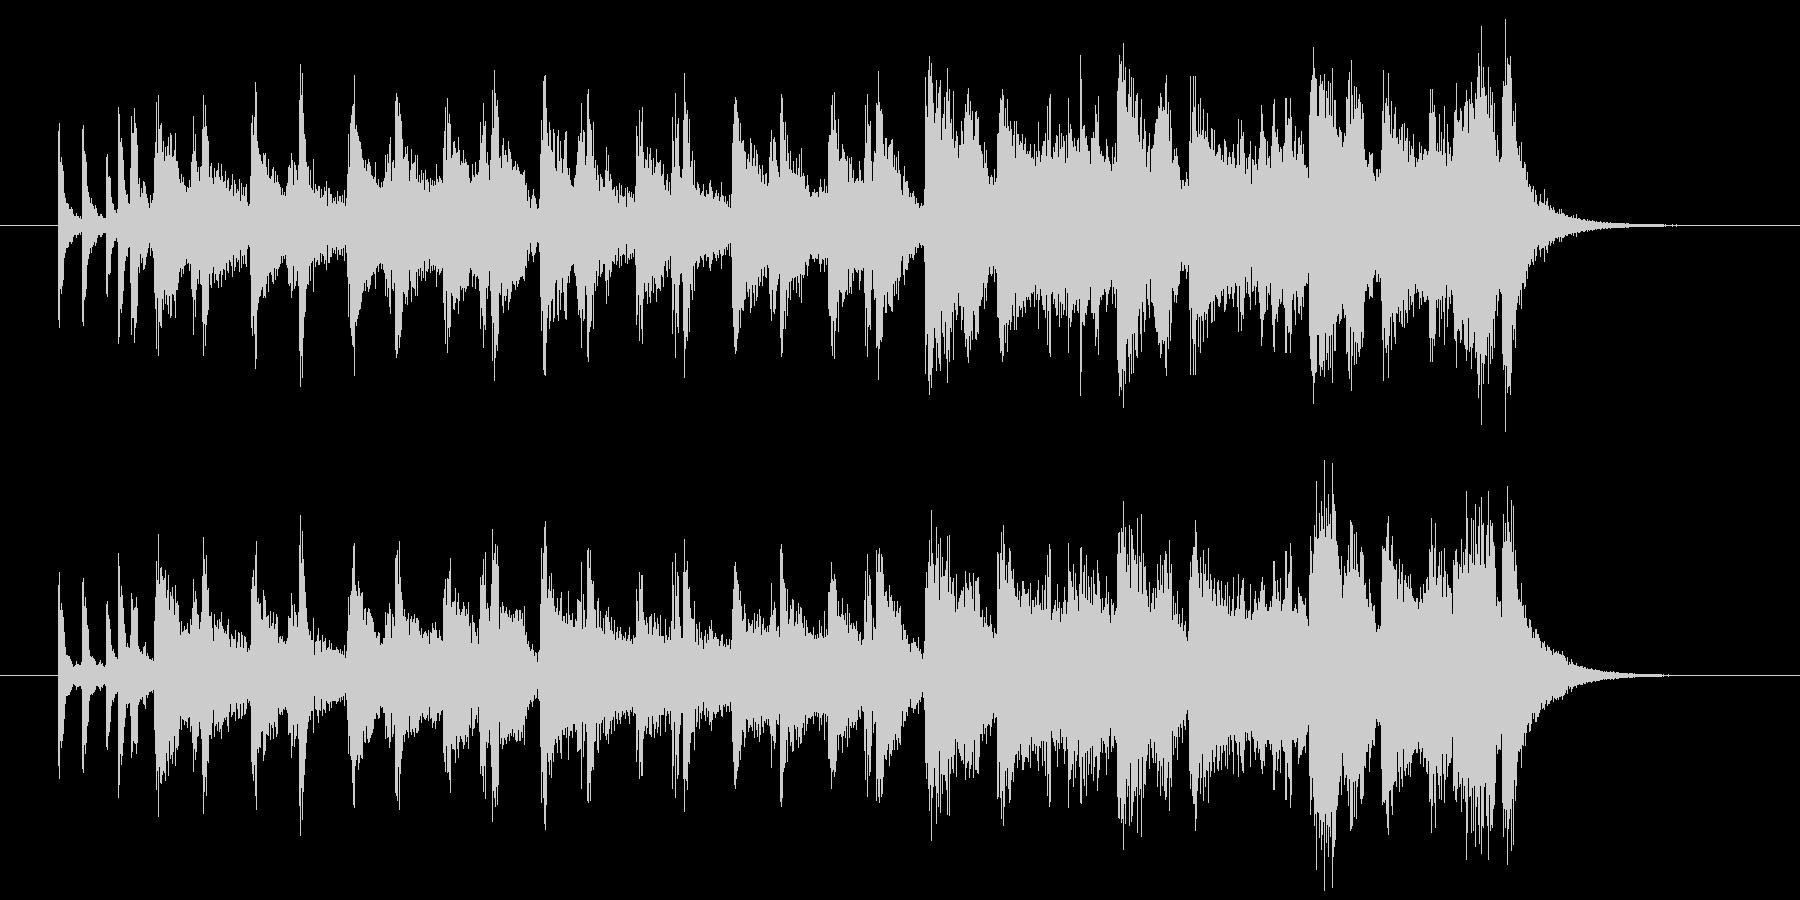 ドラム混じりの明るいシンセサイザーの曲の未再生の波形